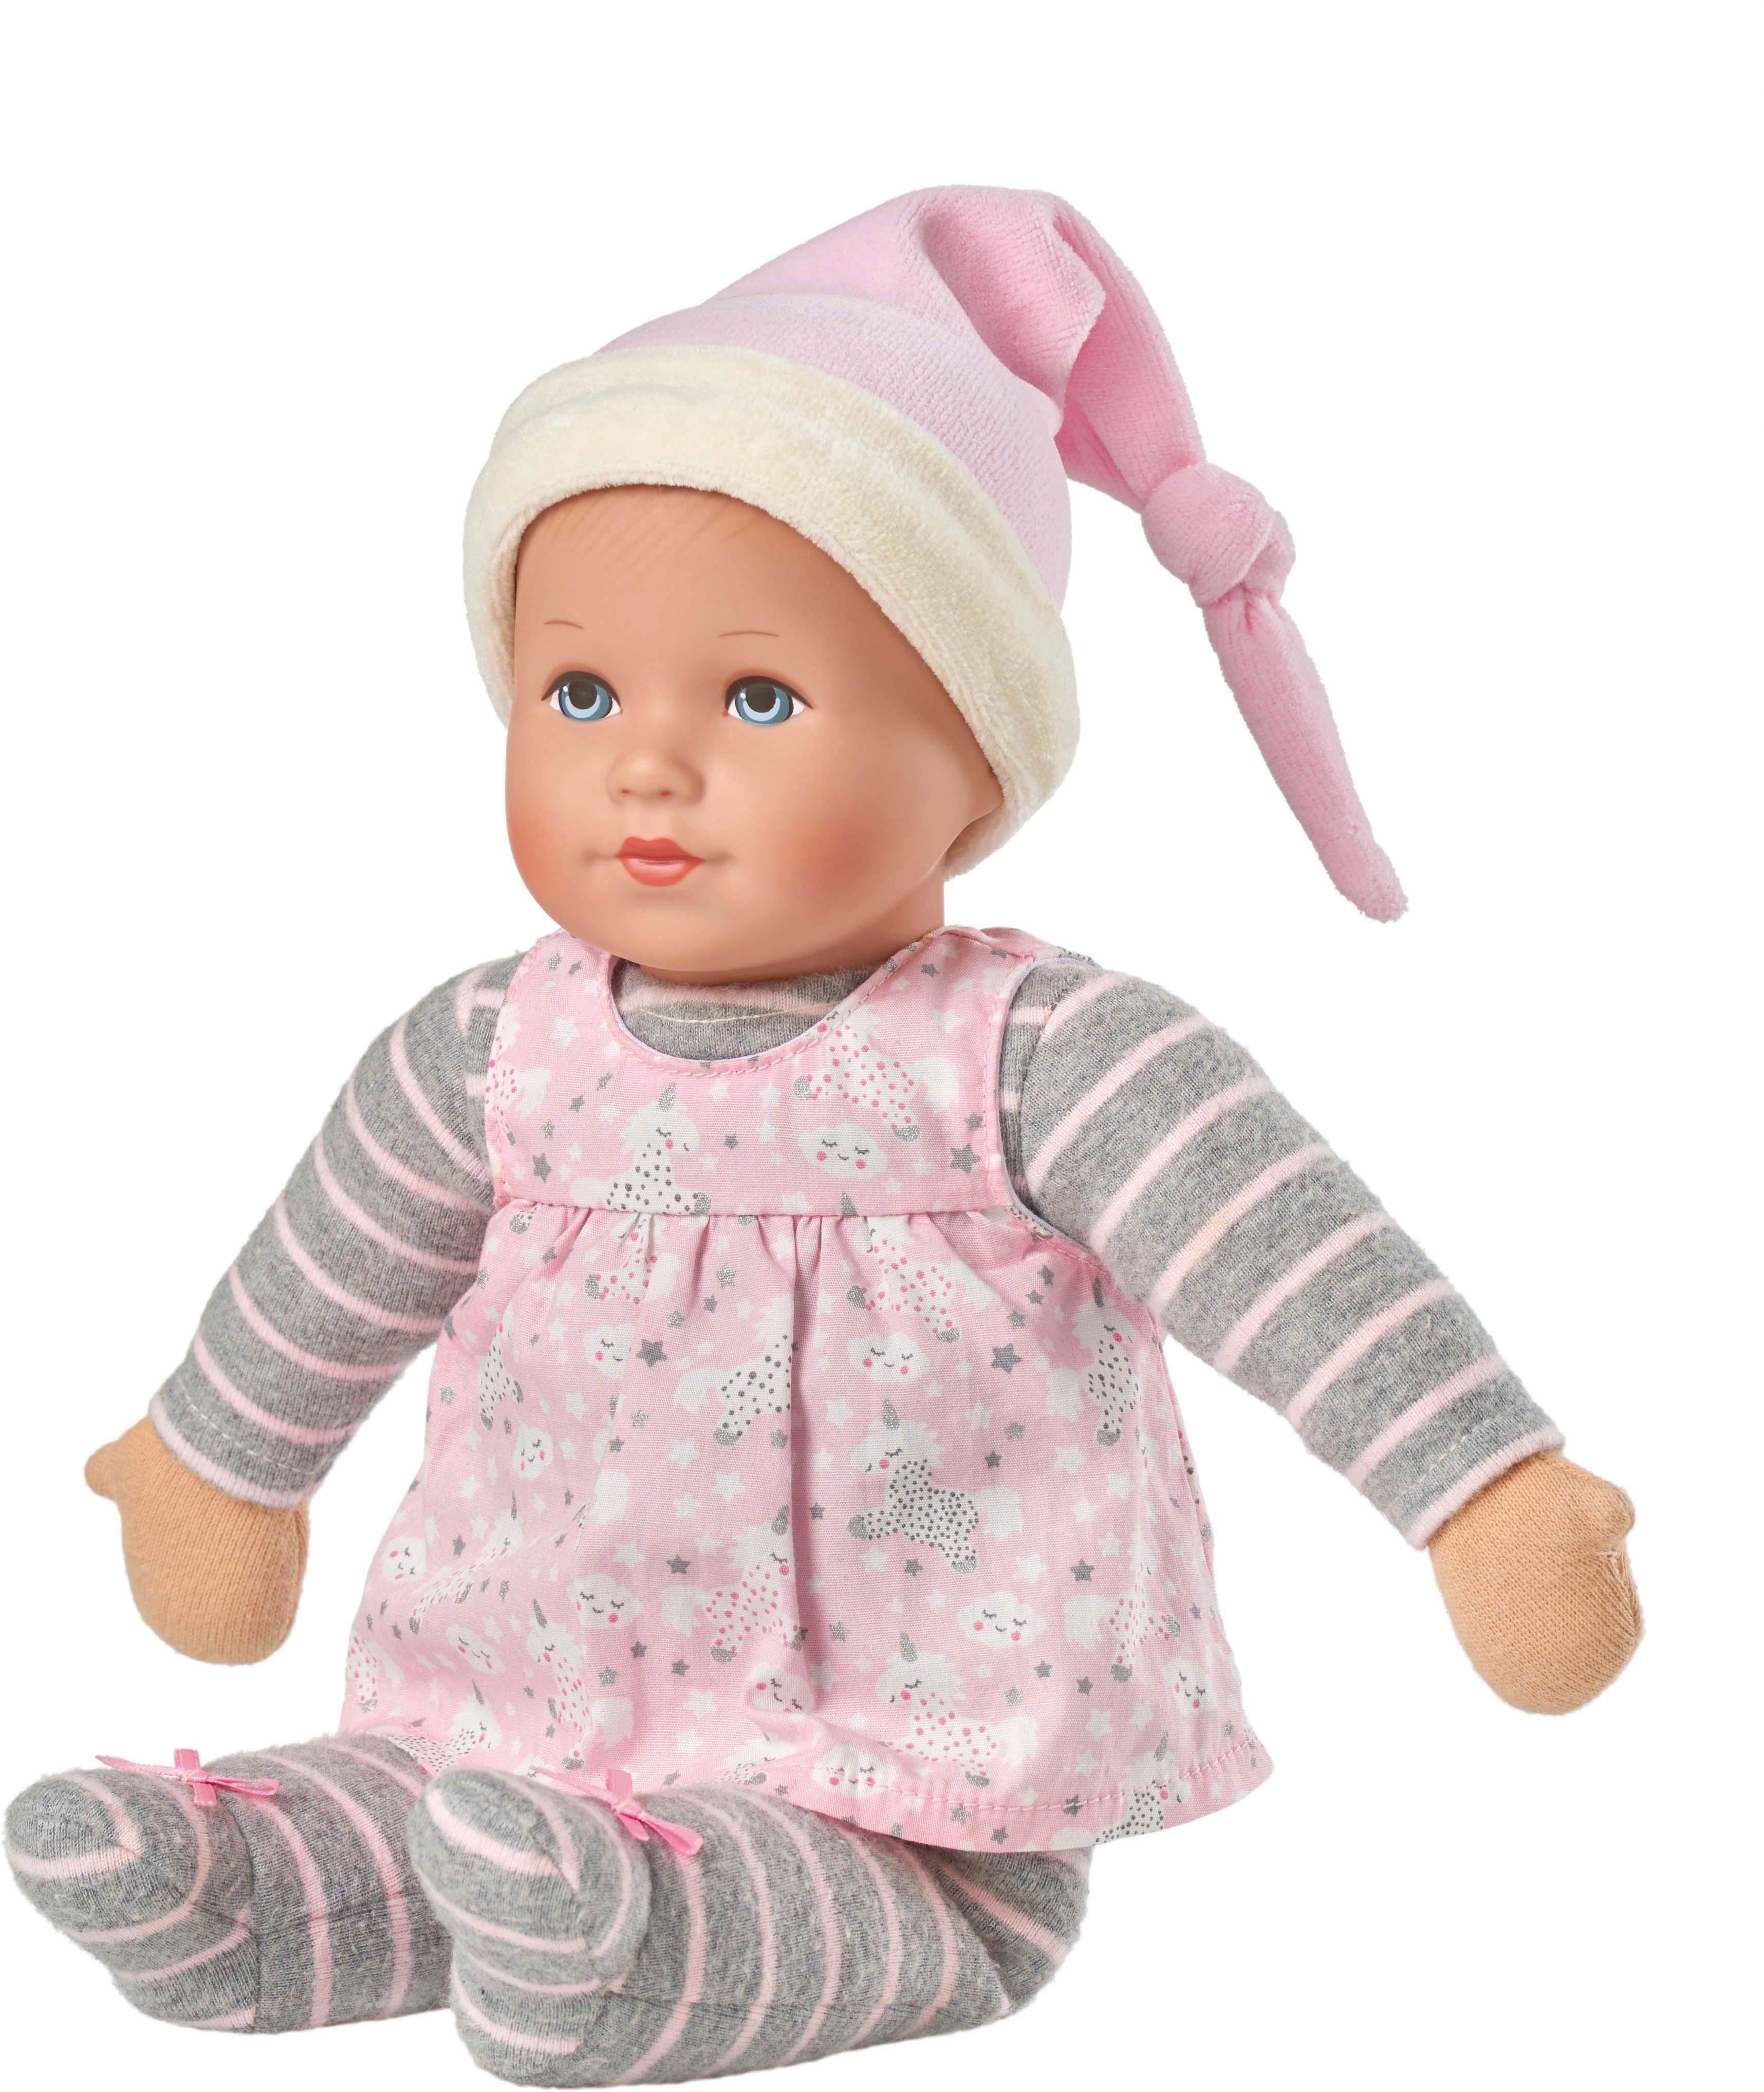 Käthe Kruse Stoffpuppe »Puppa Jule«